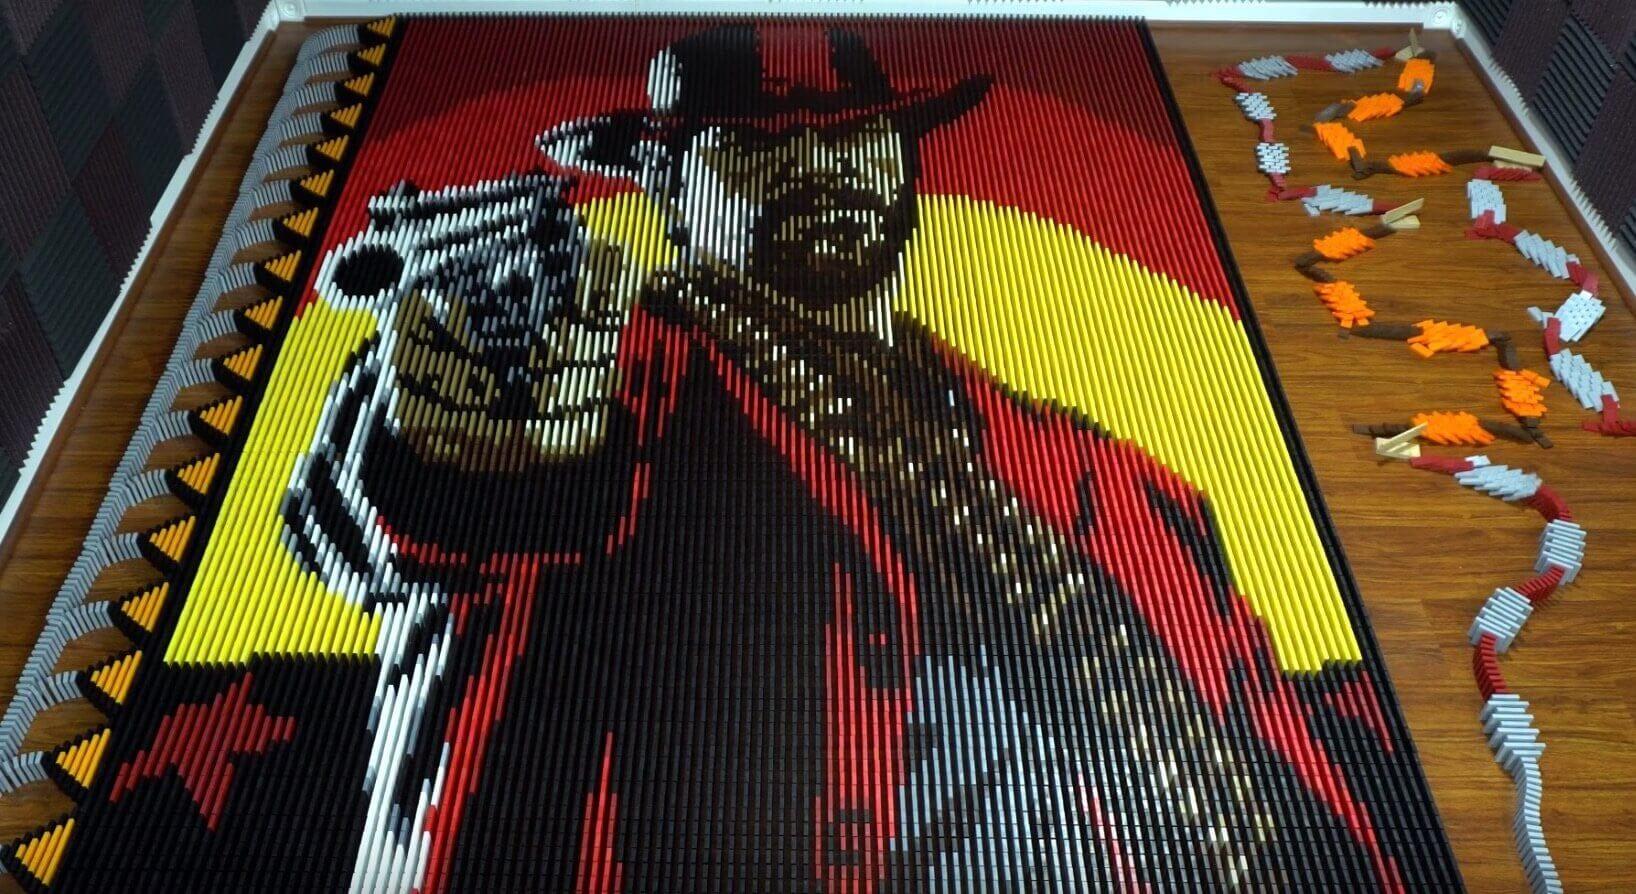 Domino Master Creates 29,000 Domino Piece for Red Dead